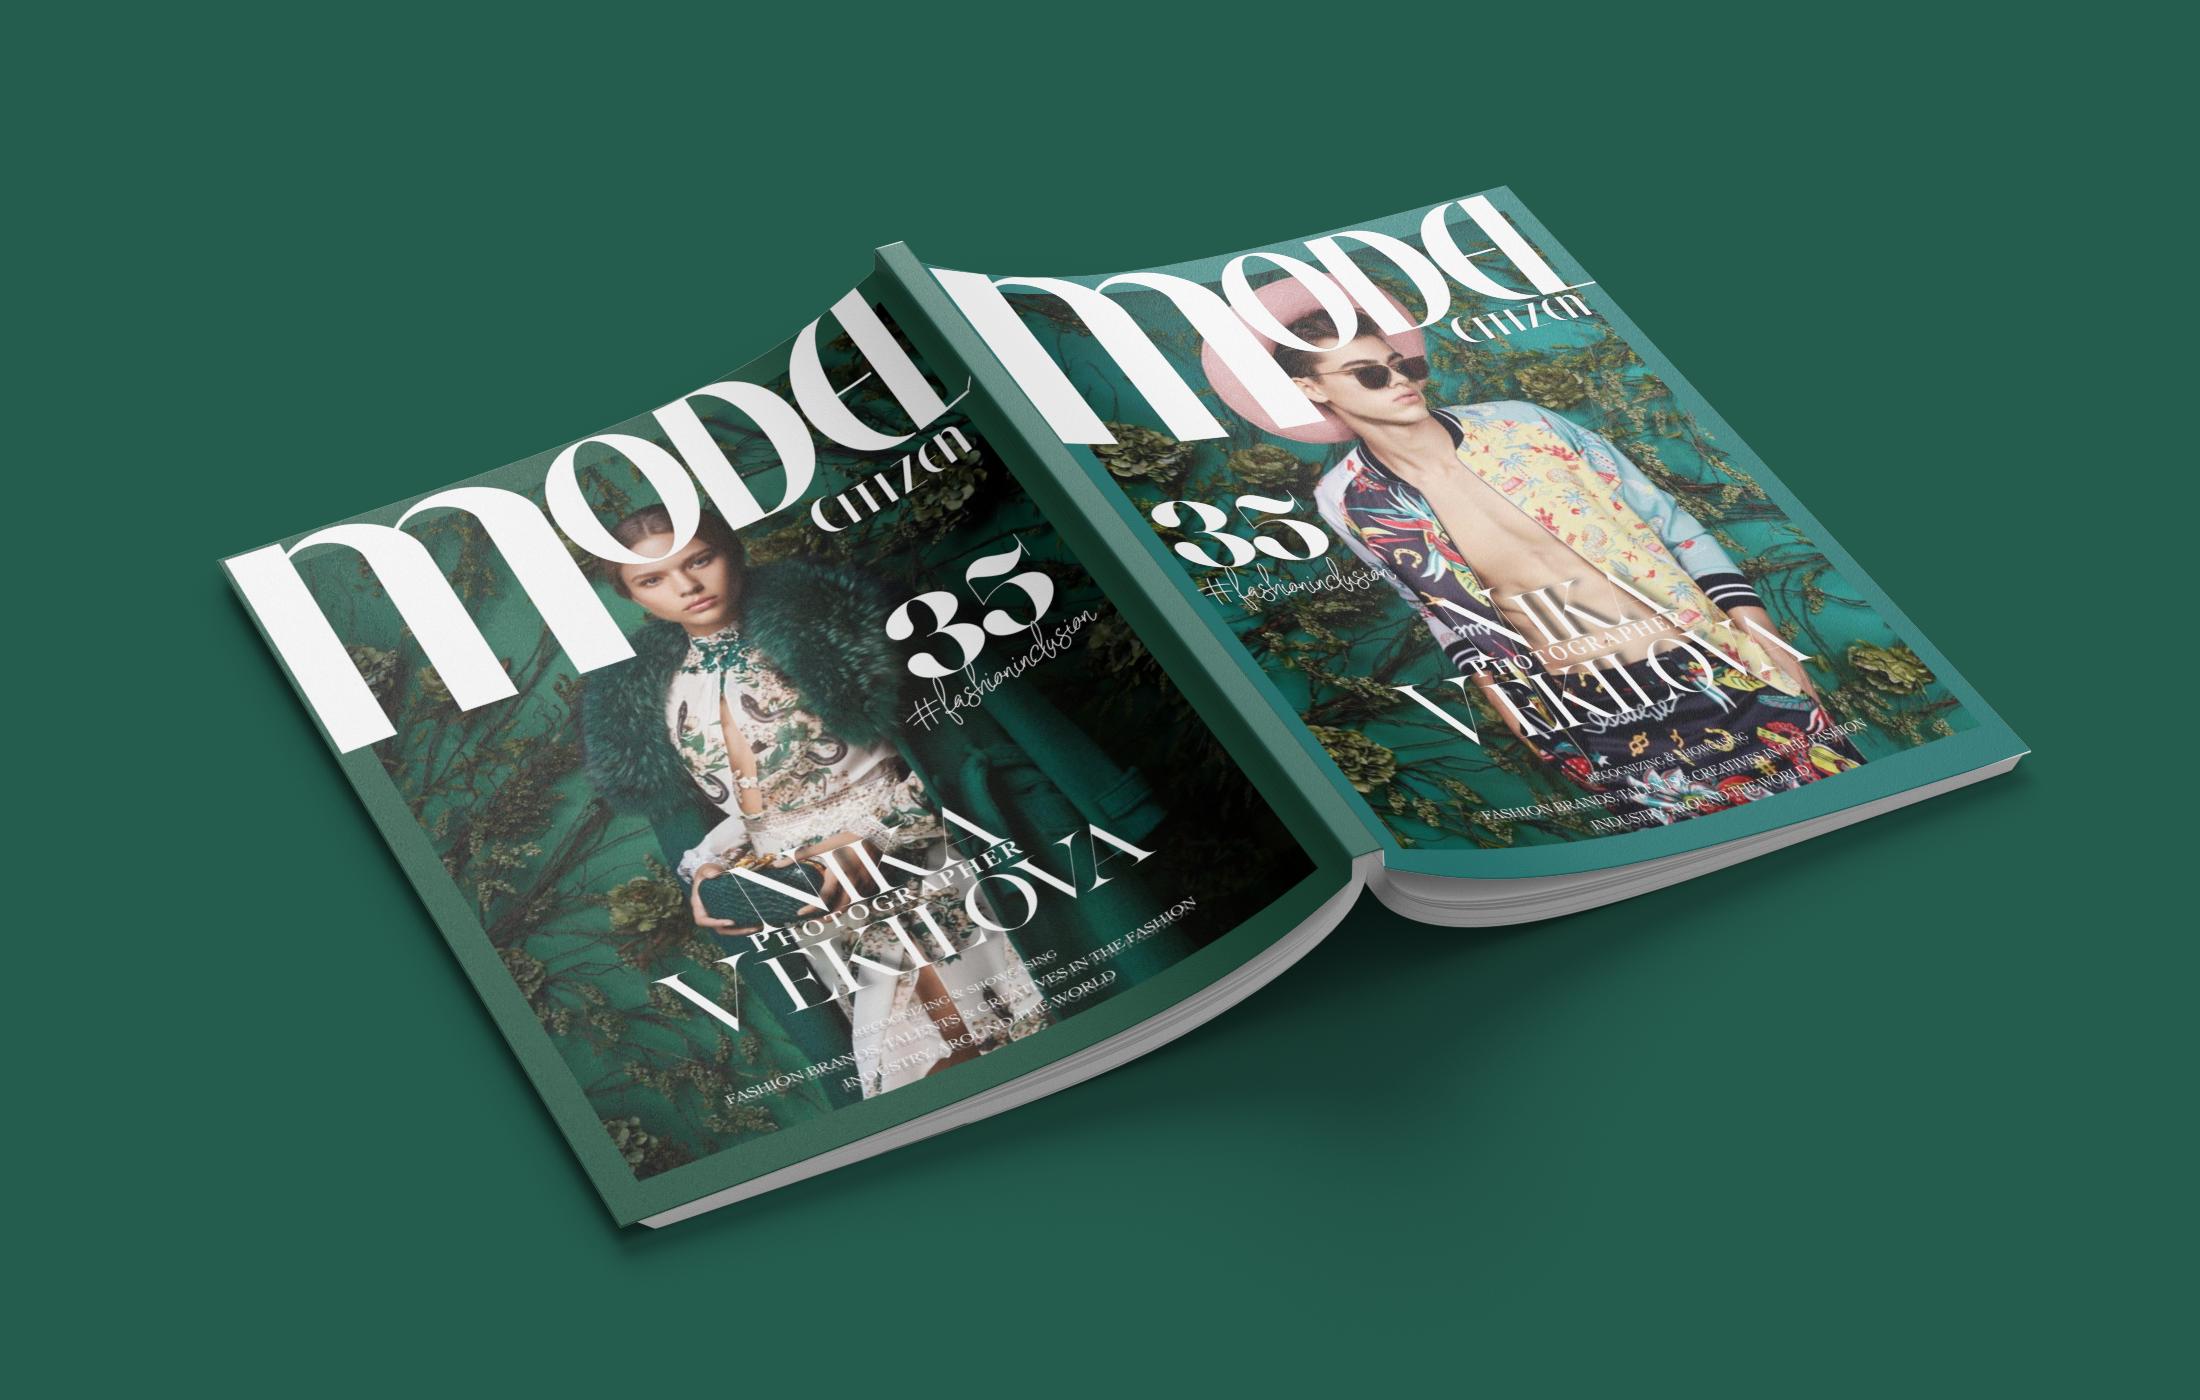 5 Digital Fashion Magazines That Take Submissions